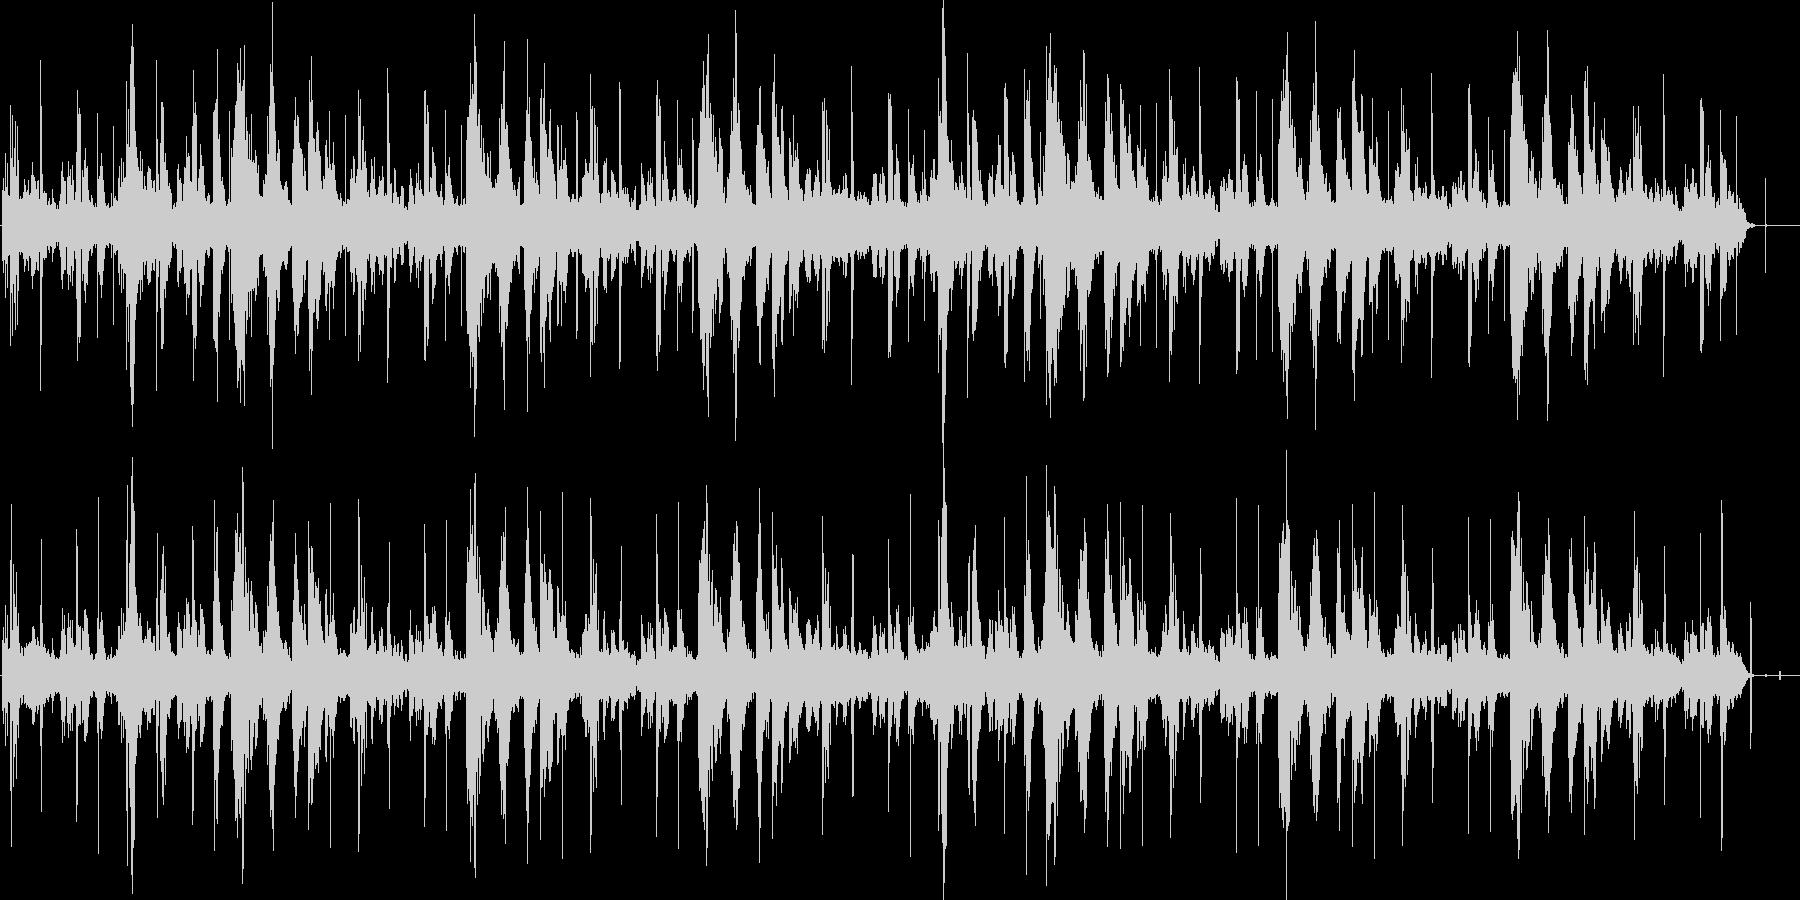 環境音楽的ヒーリング曲の未再生の波形